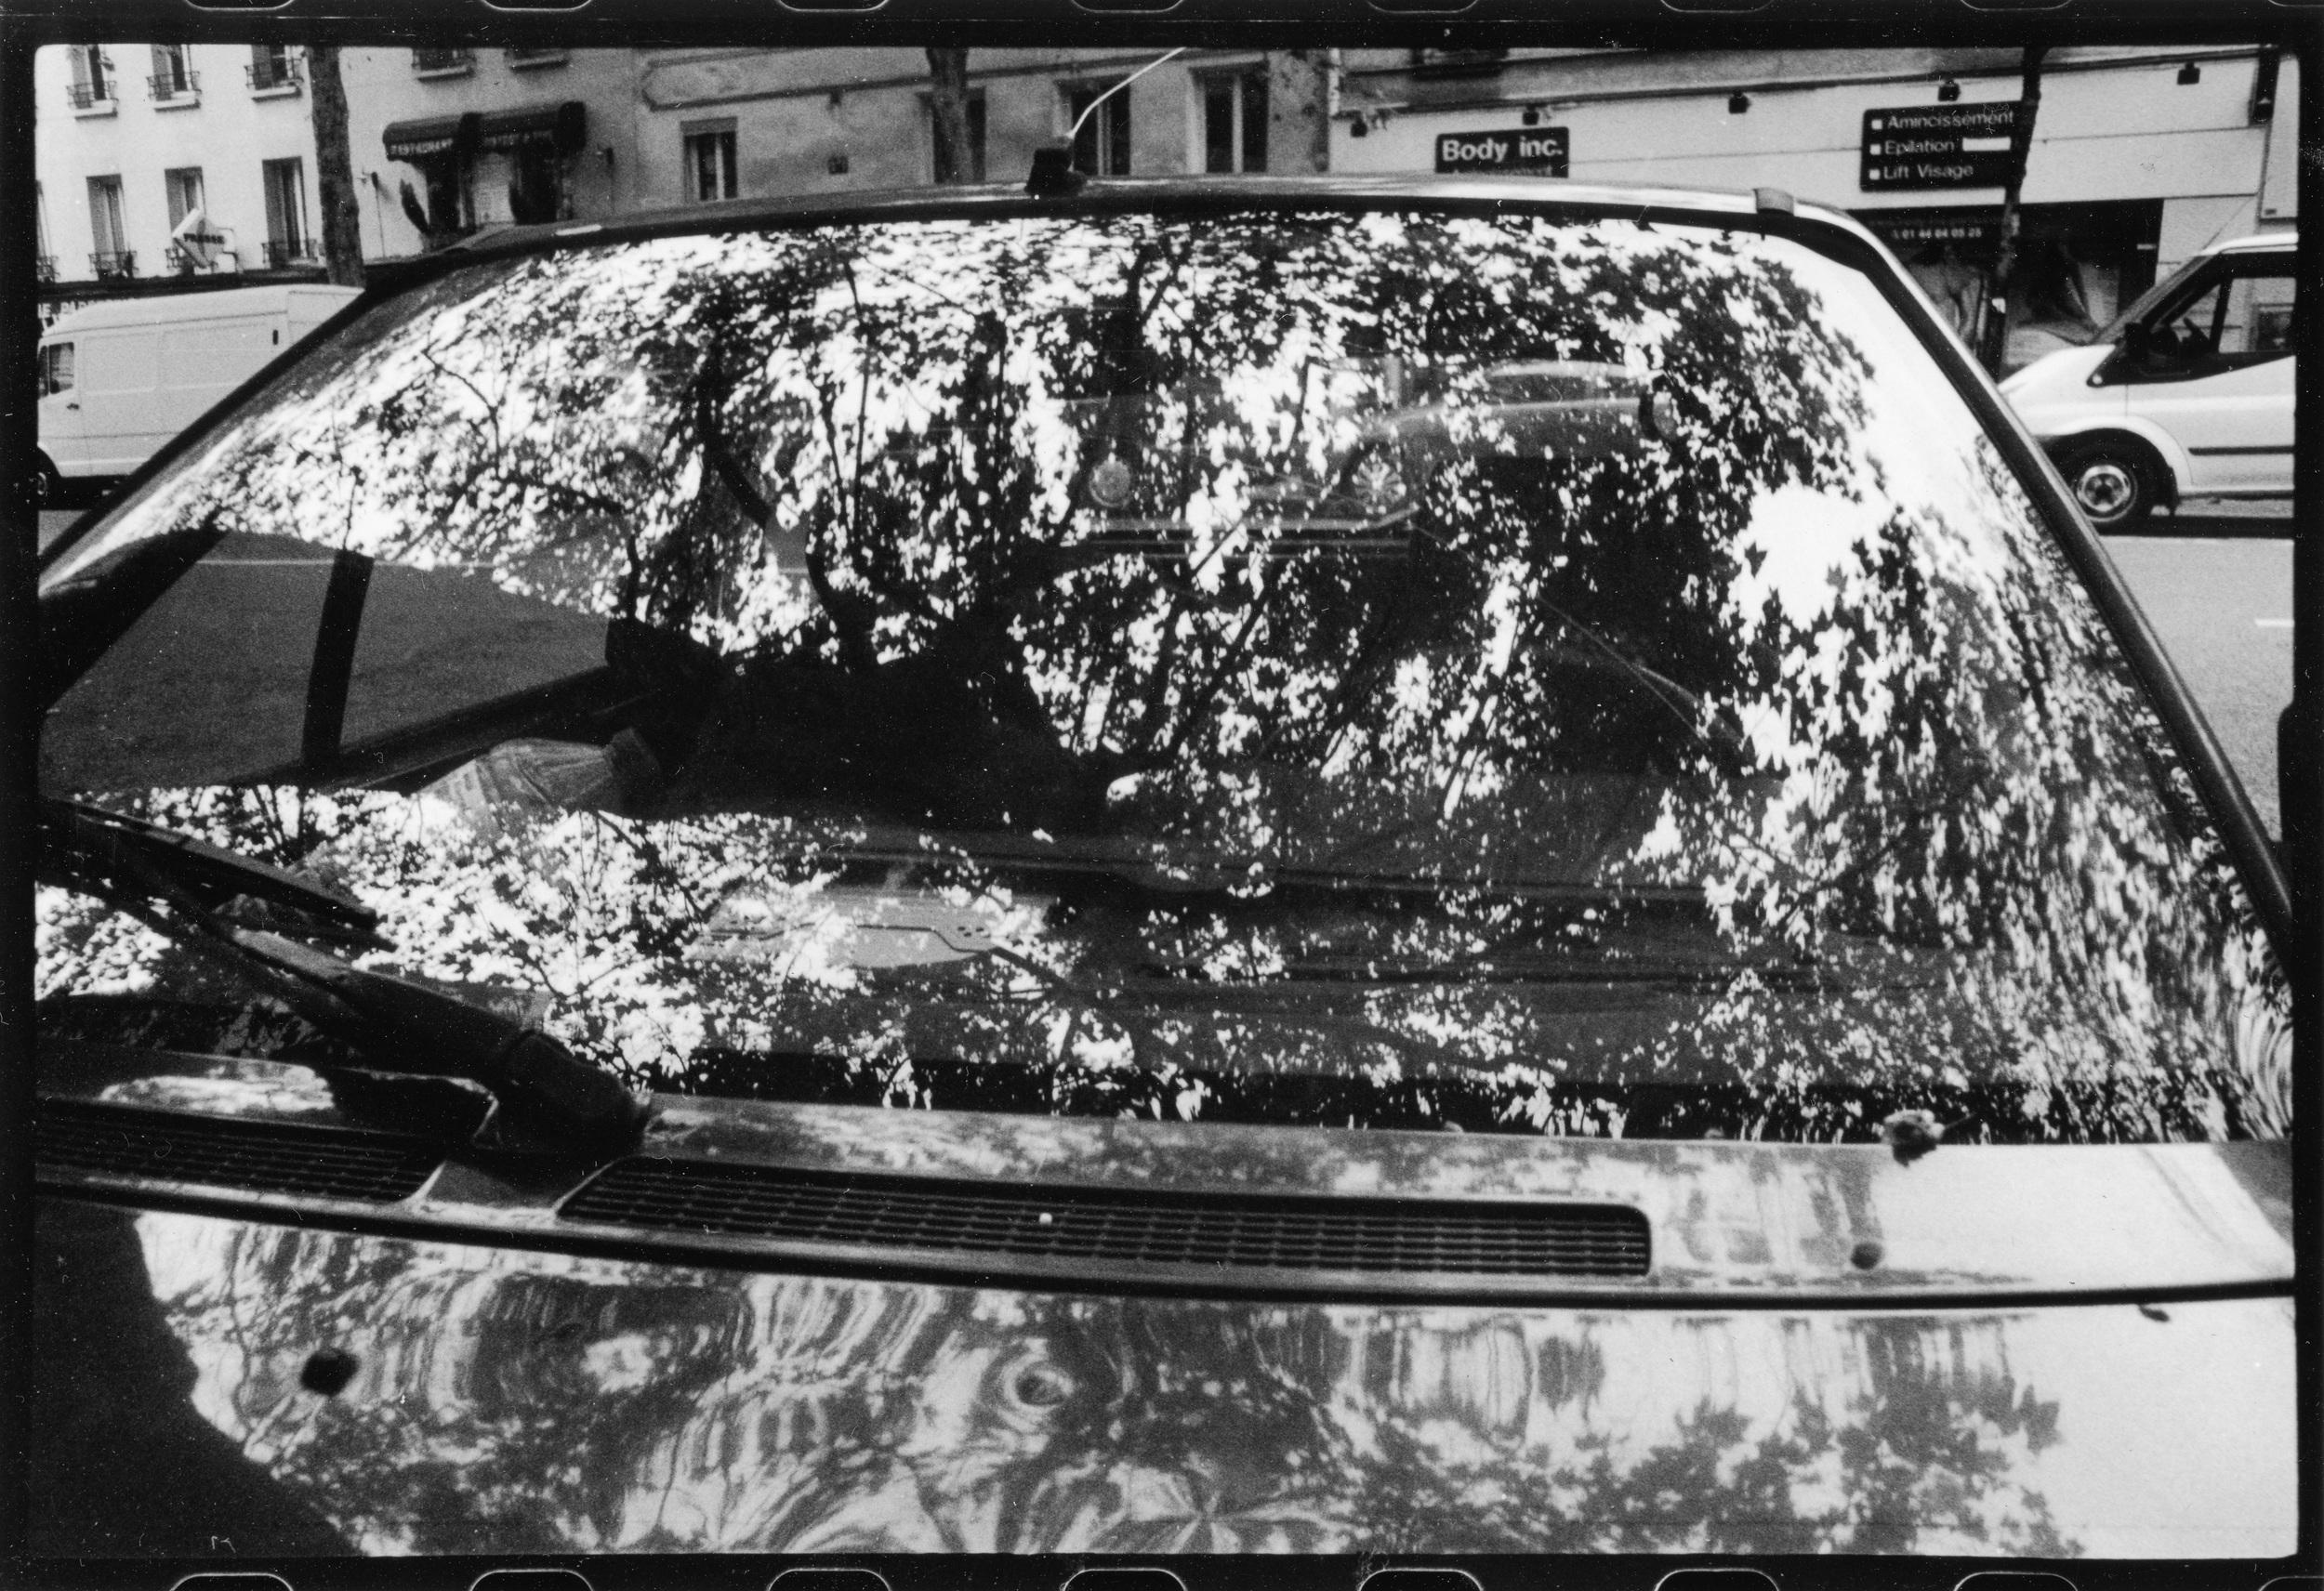 voiture arboree -2.jpg